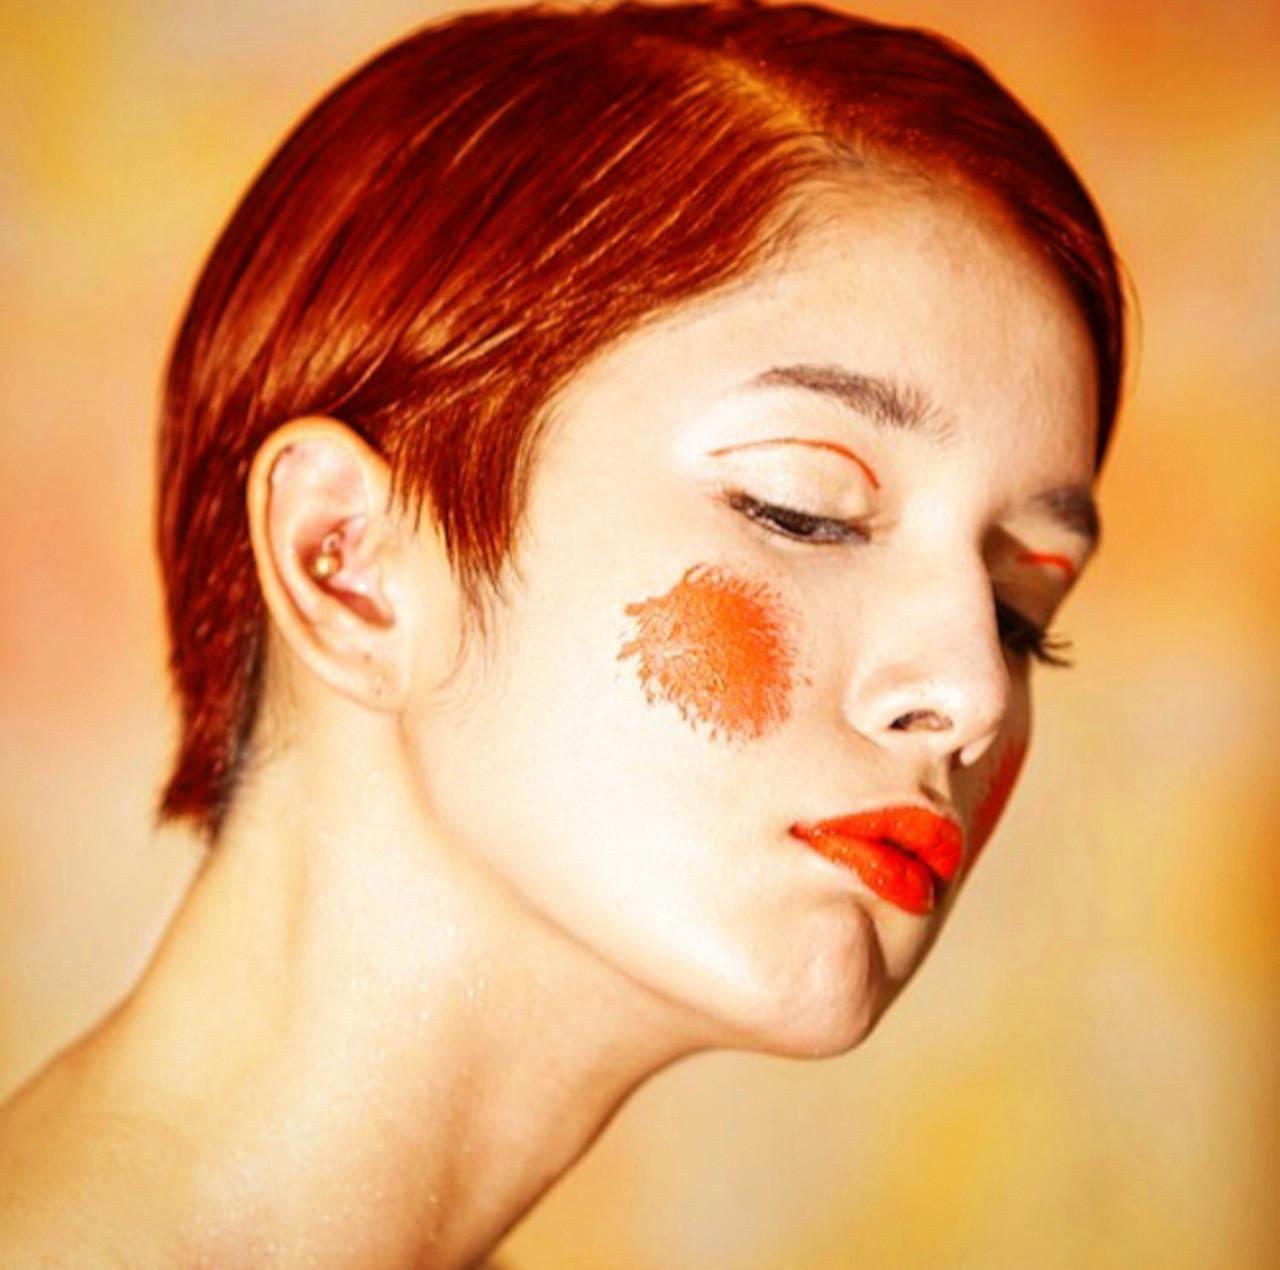 ヘアメイク 撮影 メイク モード ヘアスタイルや髪型の写真・画像 | 表参道/当日予約⭕️オオイシオリ / (株)Lise